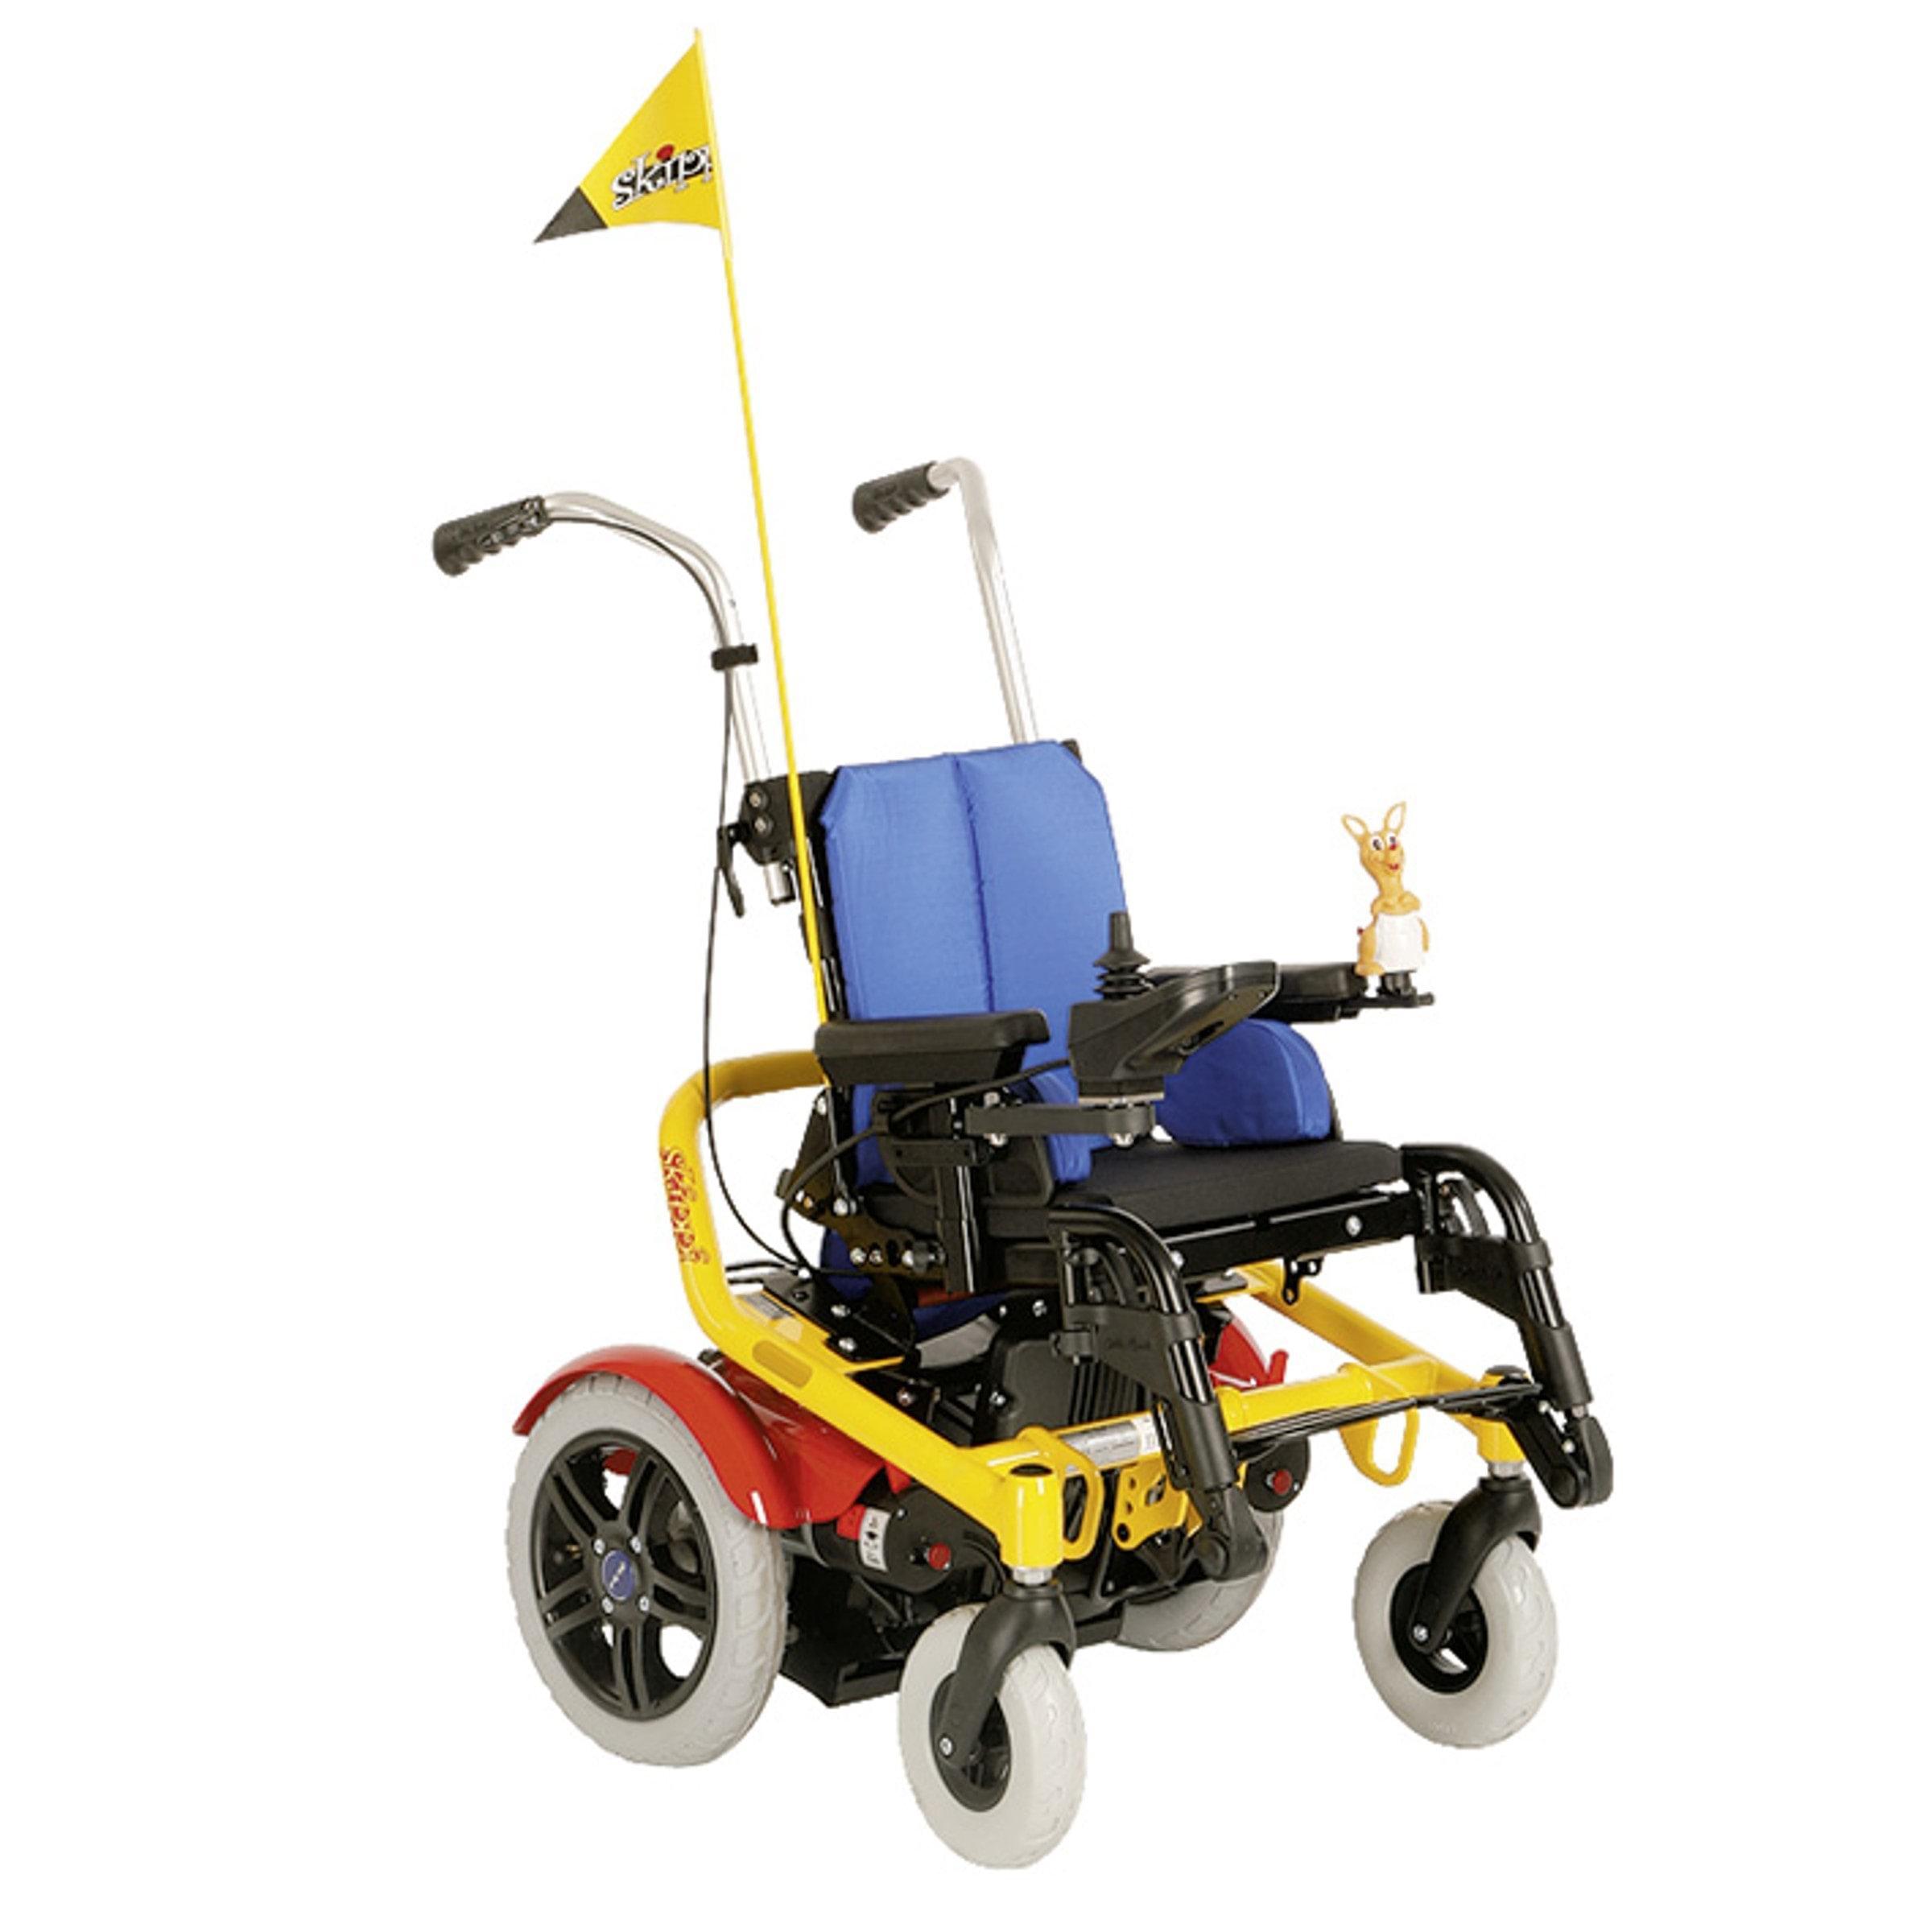 Skippi power wheelchair for children   Ottobock AU